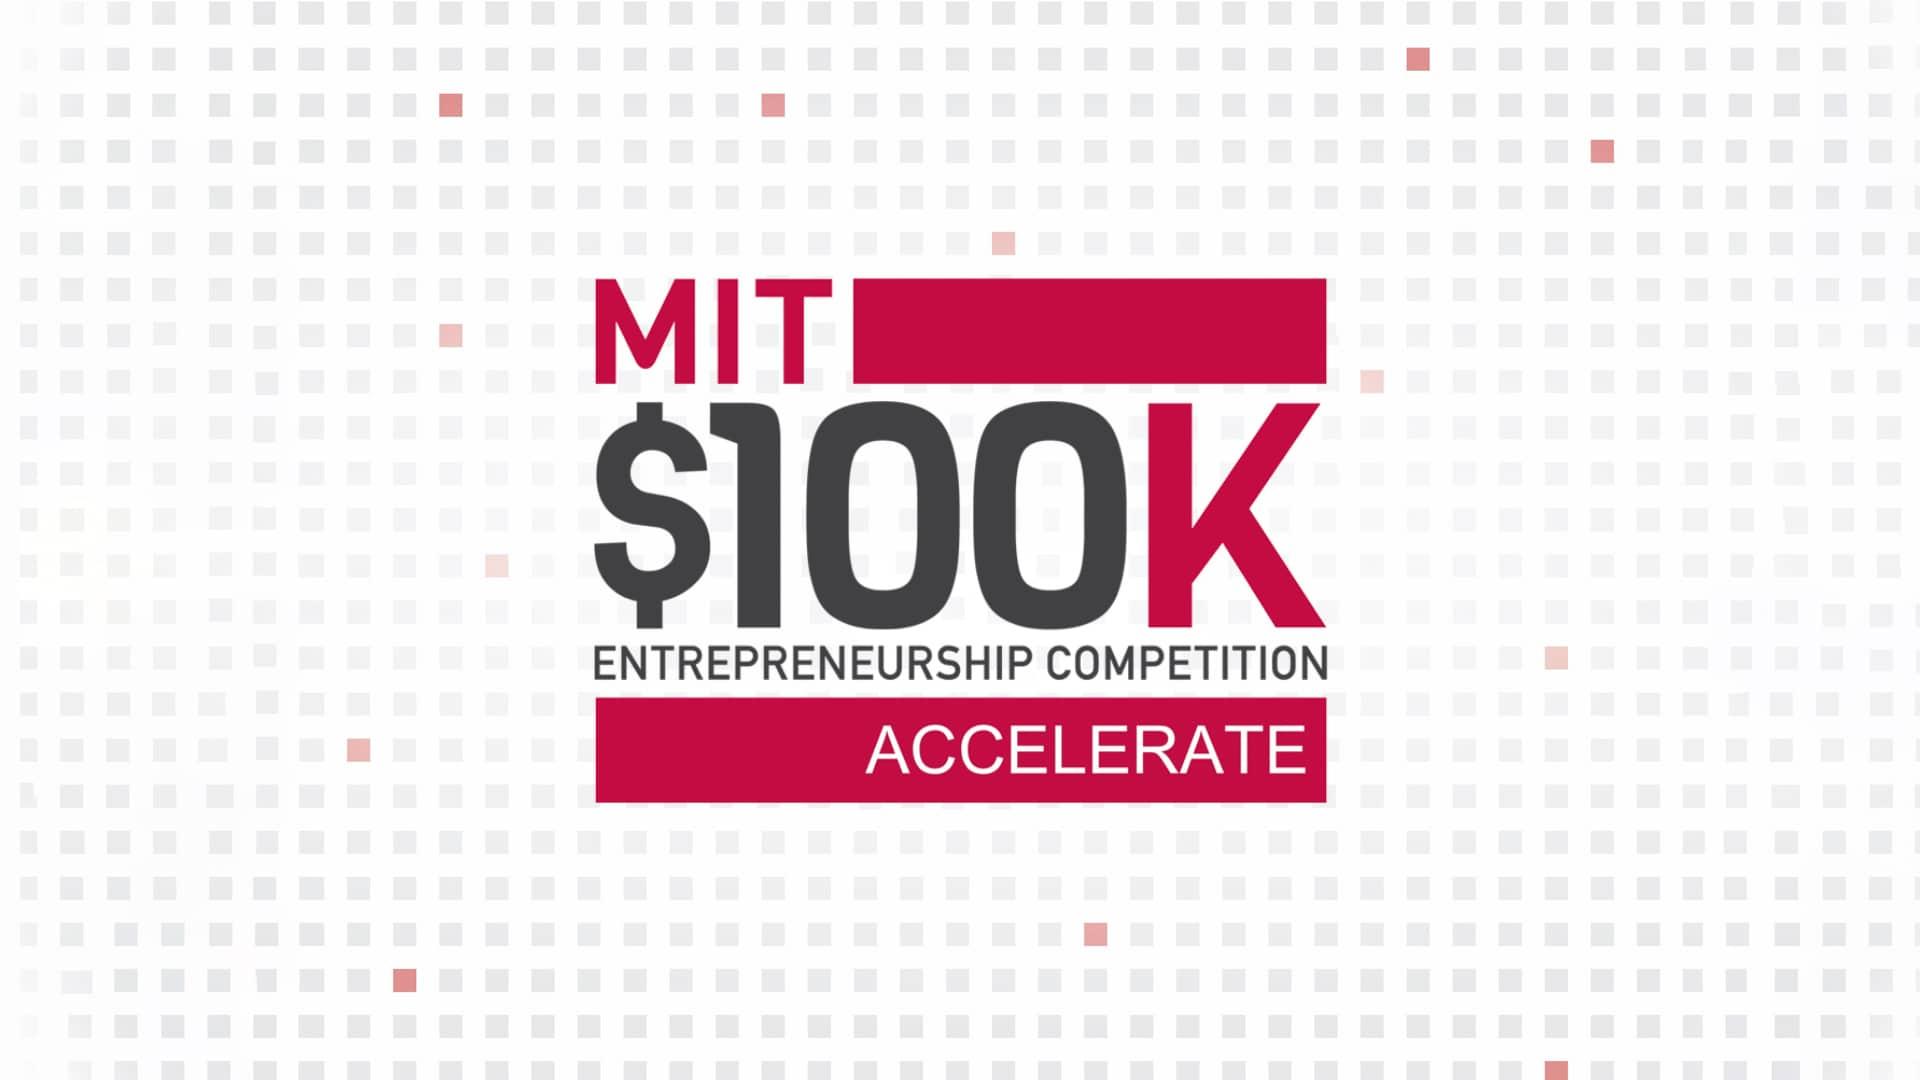 MIT 100K